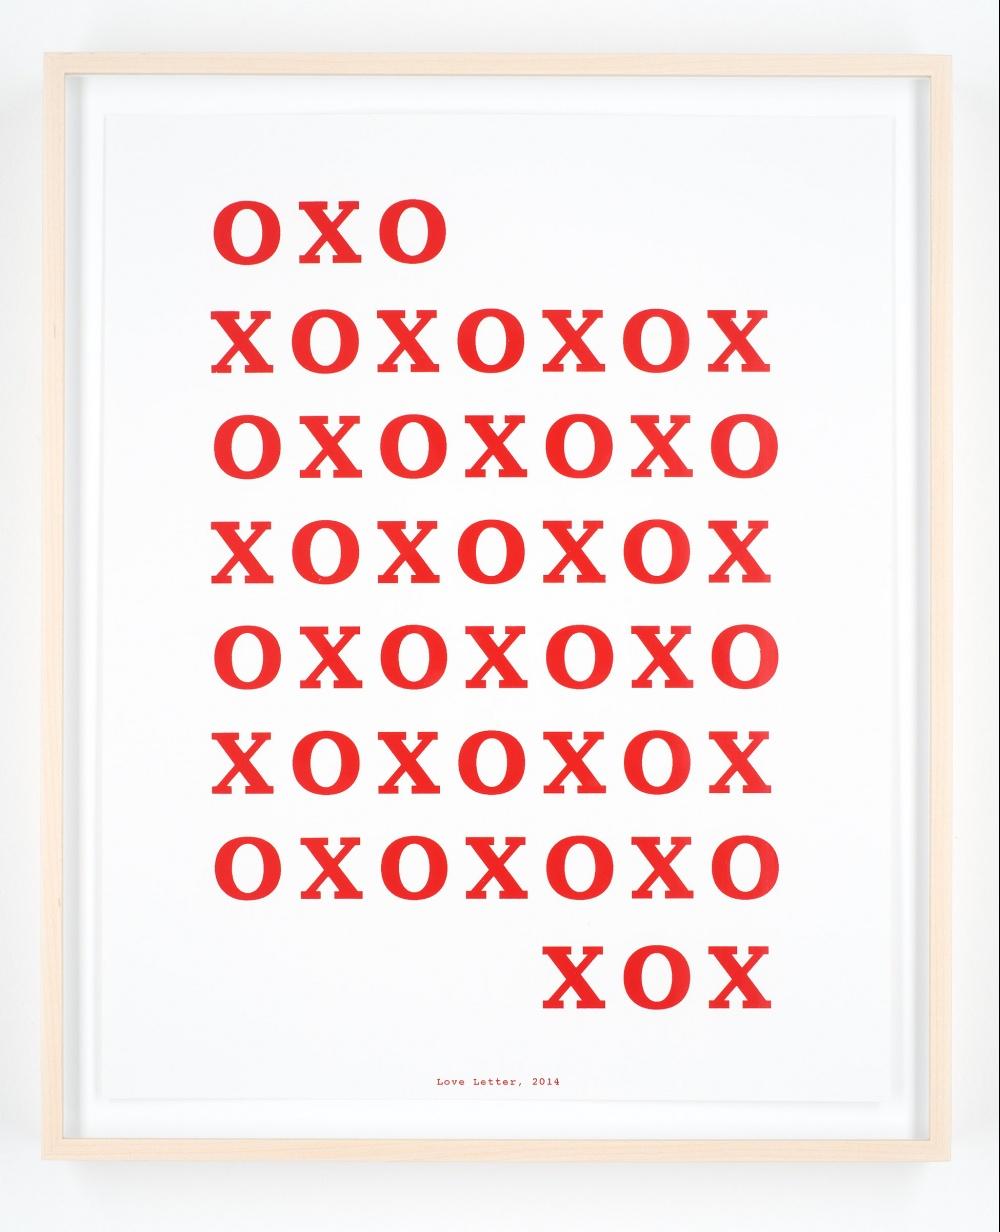 www love letter